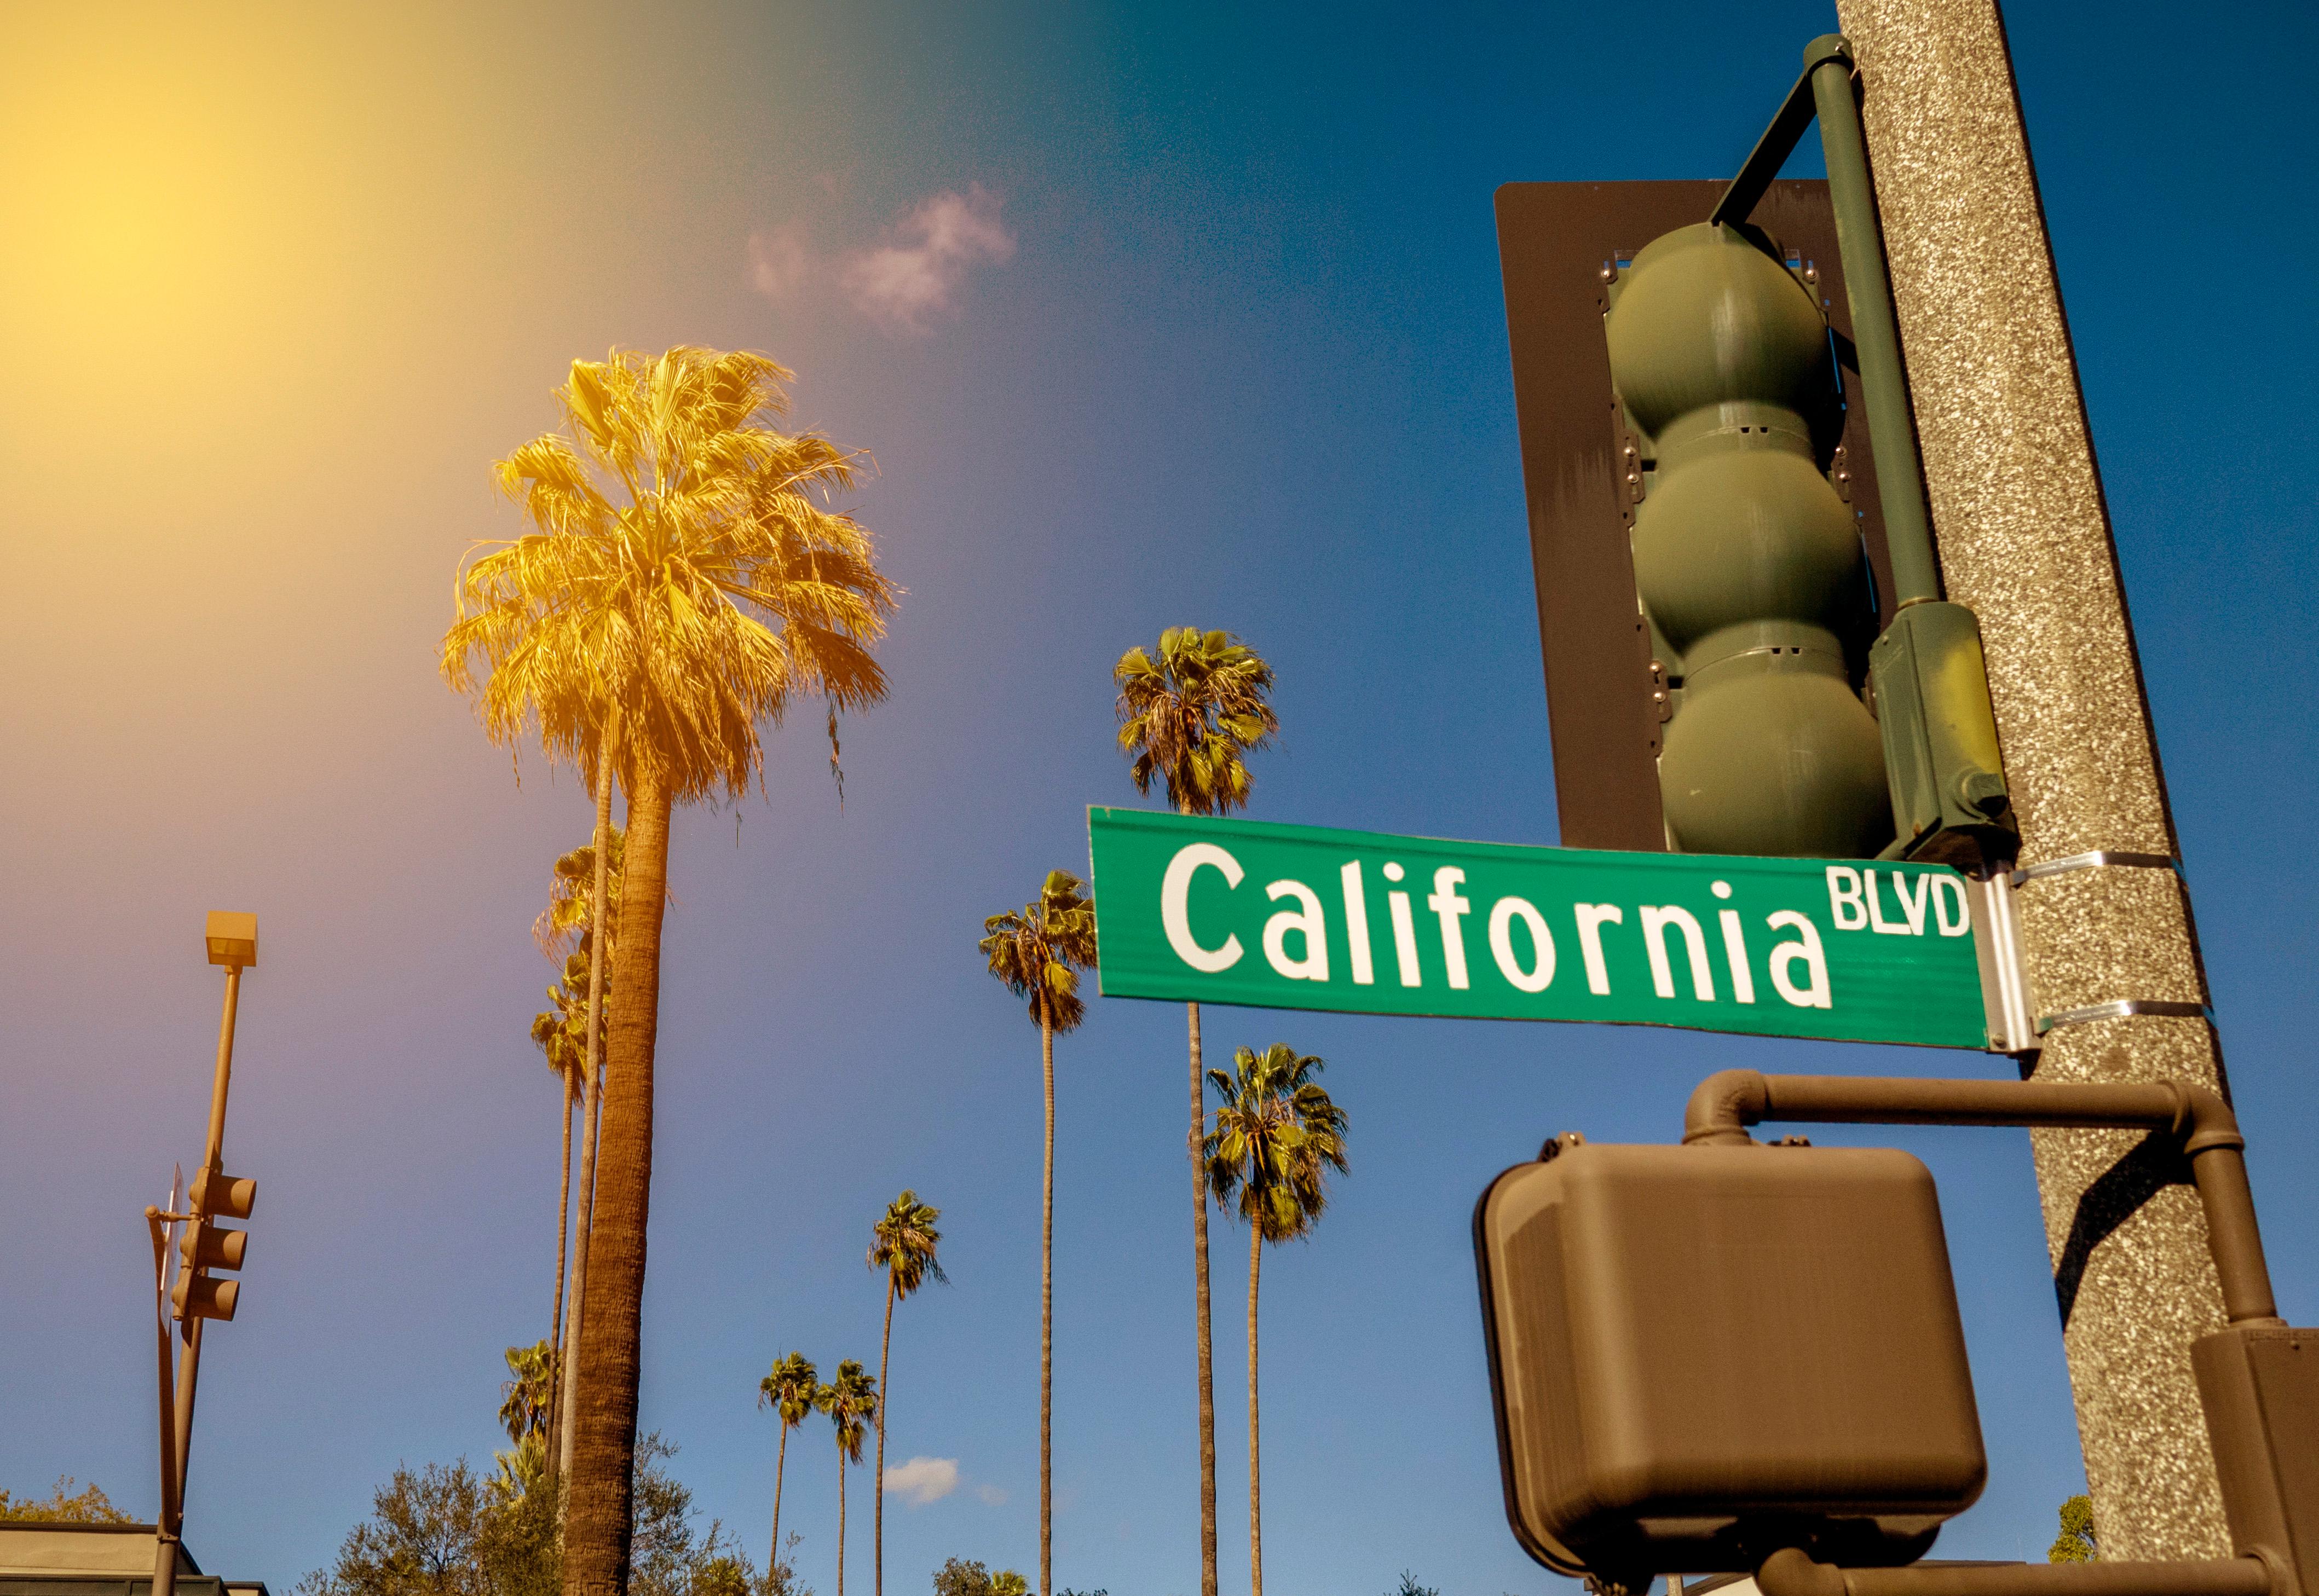 calle_en_california_con_palmeras_sol_cielo_azul_semaforo